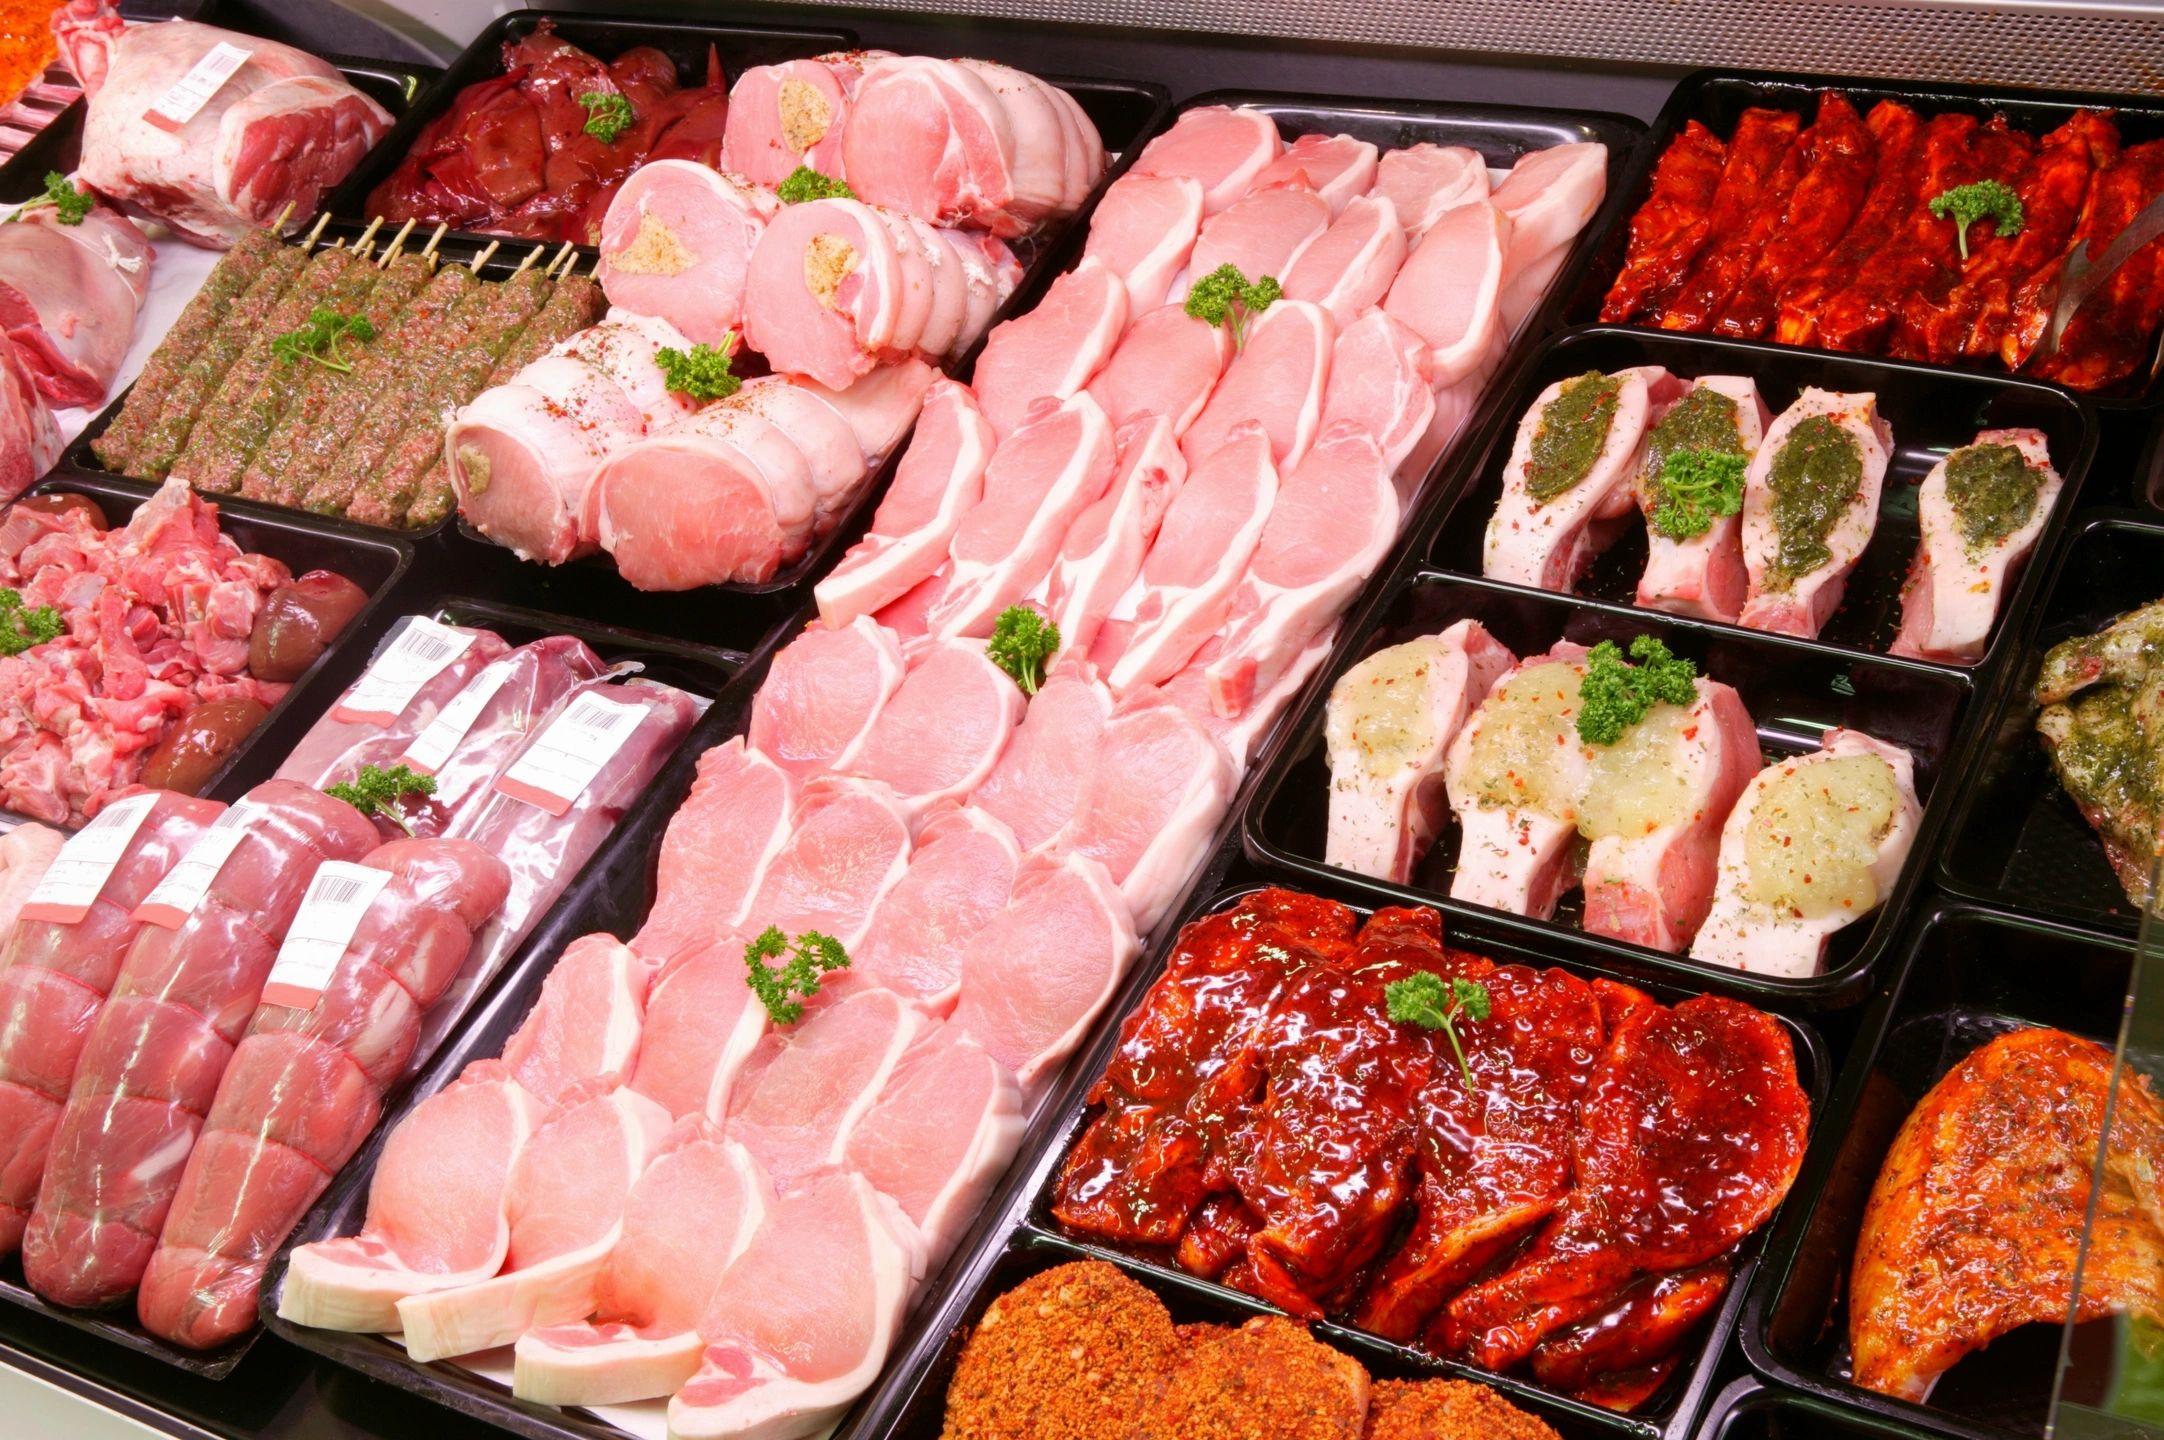 ¿Dónde comprar cortes de carne en Managua?